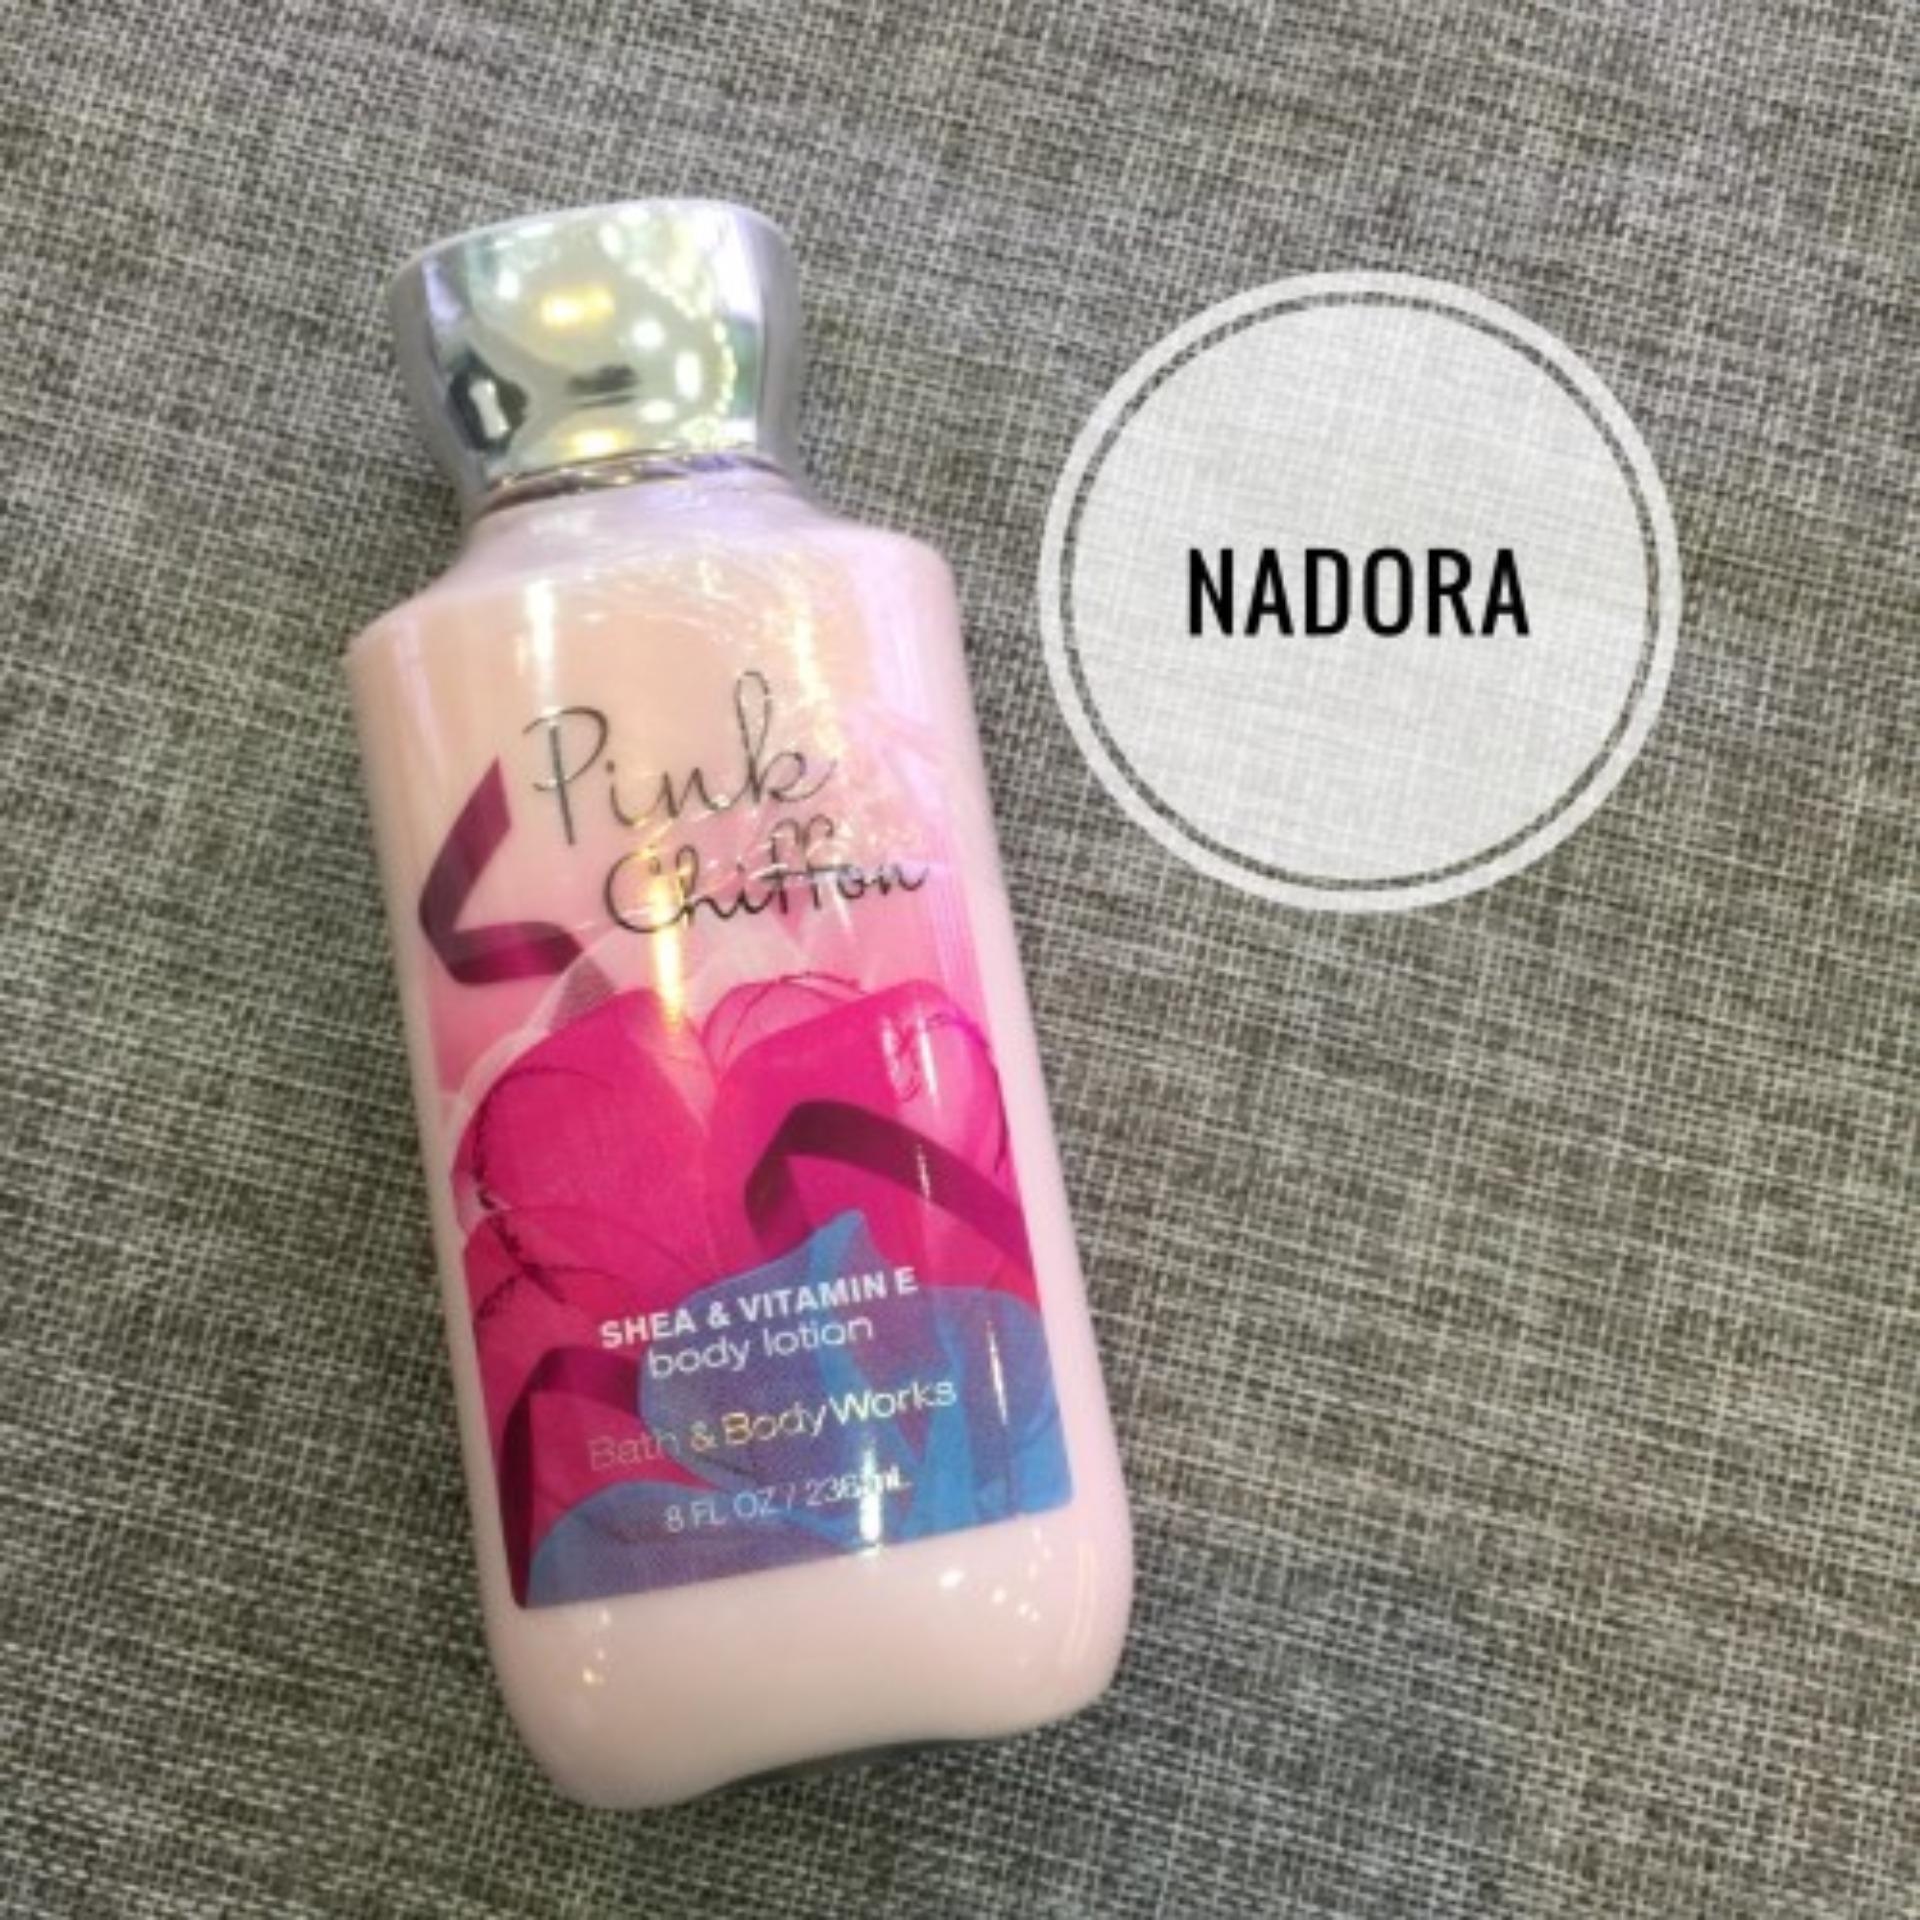 Sữa Dưỡng Thể Bath and Body Works Pink Chiffon Body Lotion (236ml) tốt nhất